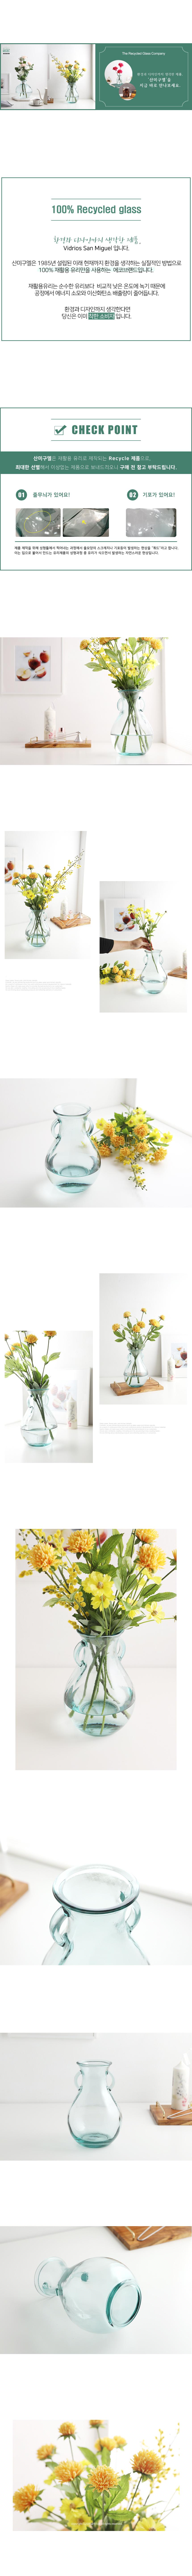 산미구엘 항아리 인테리어 유리꽃화병 (소) - 글라스코, 25,680원, 화병/수반, 유리화병